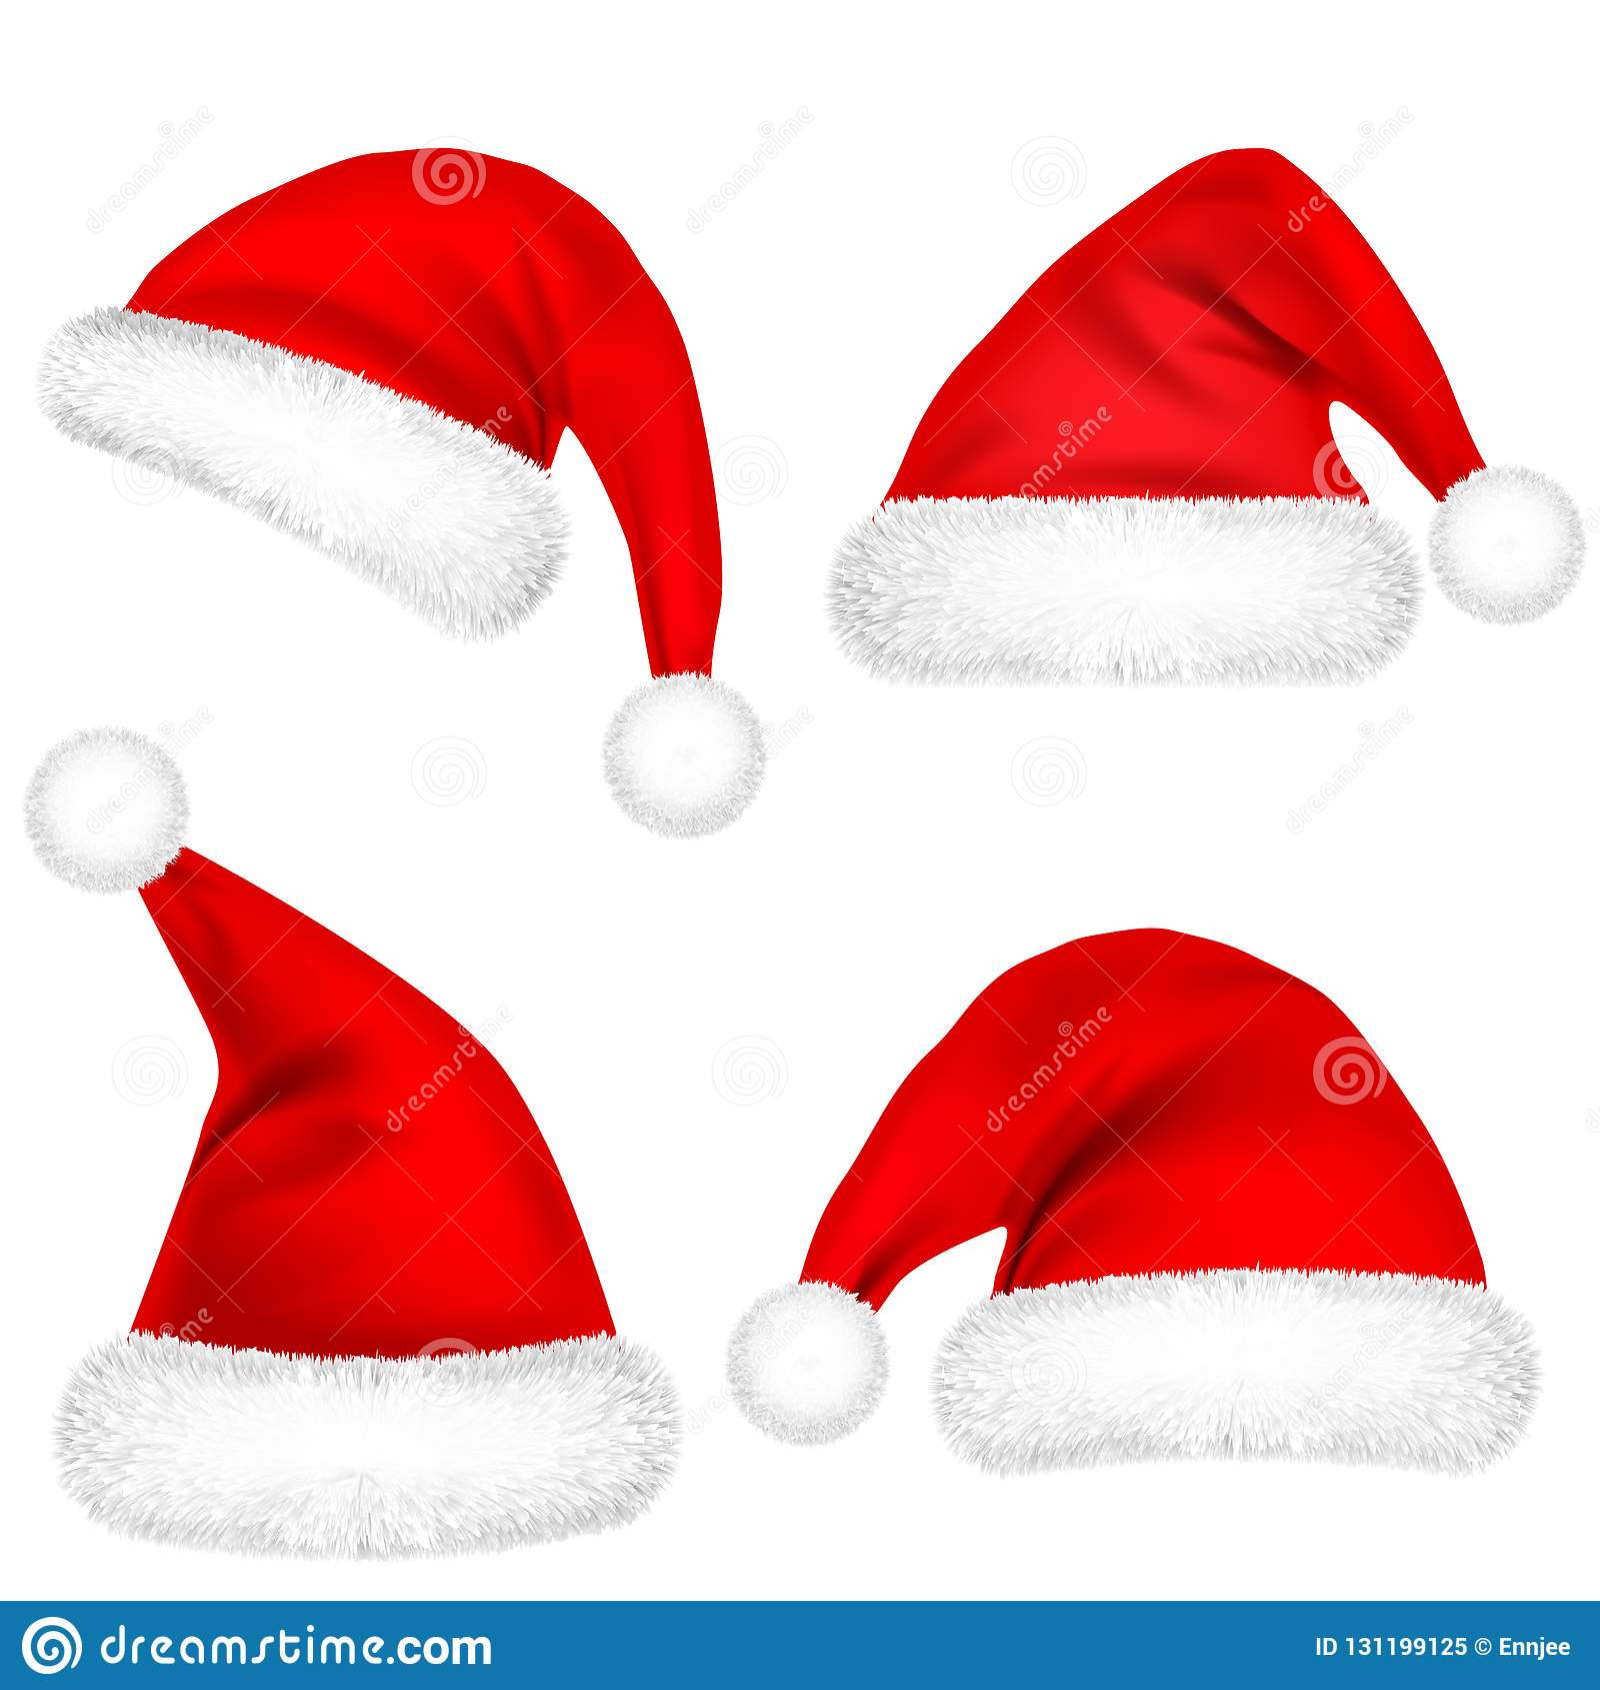 Kerstmis Santa Claus Hats With Fur Set Nieuwe jaar rode die hoed op witte achtergrond wordt geïsoleerd De winter GLB Vector illus